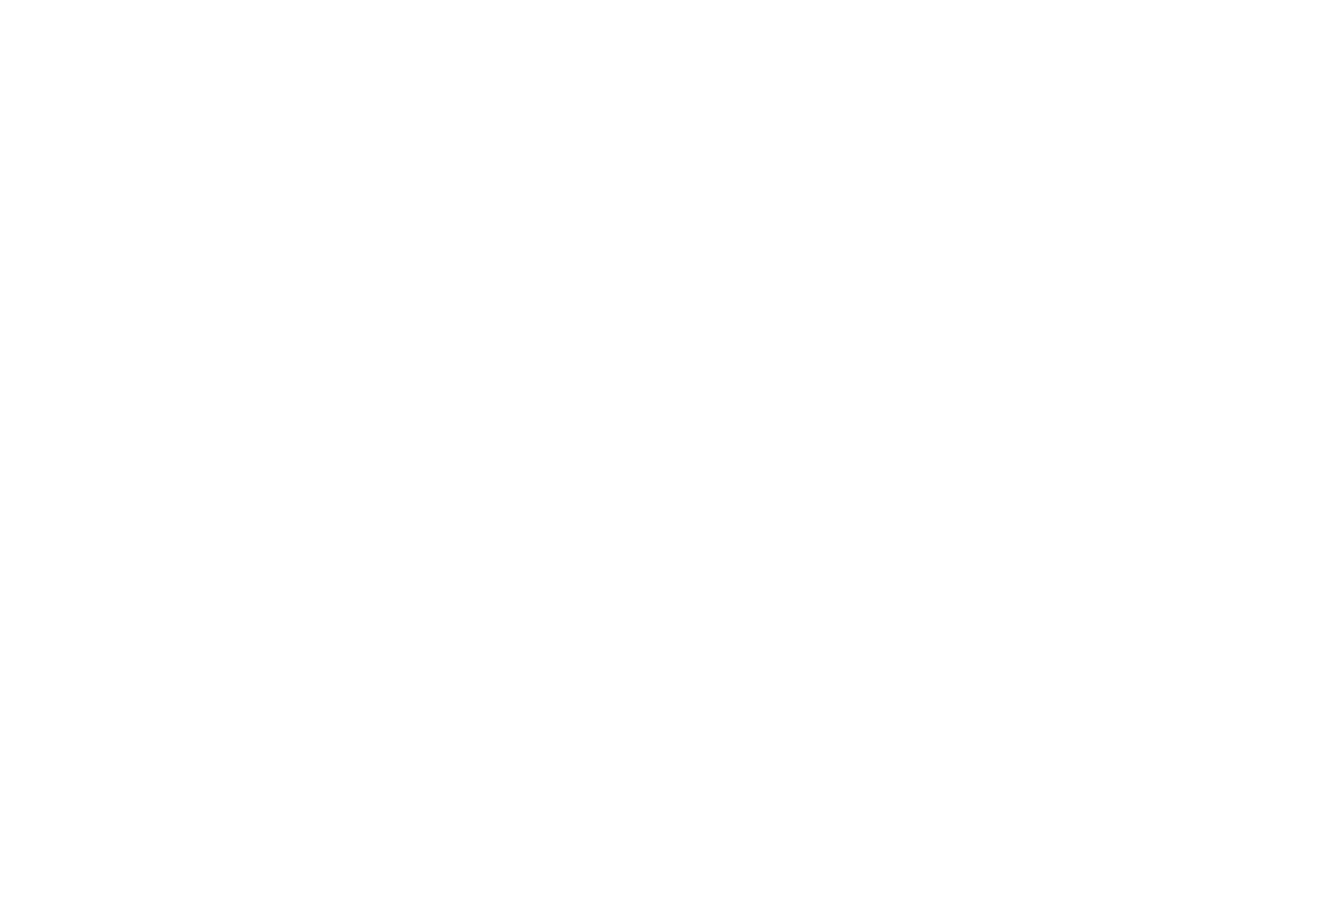 Sara Aasum Hultberg